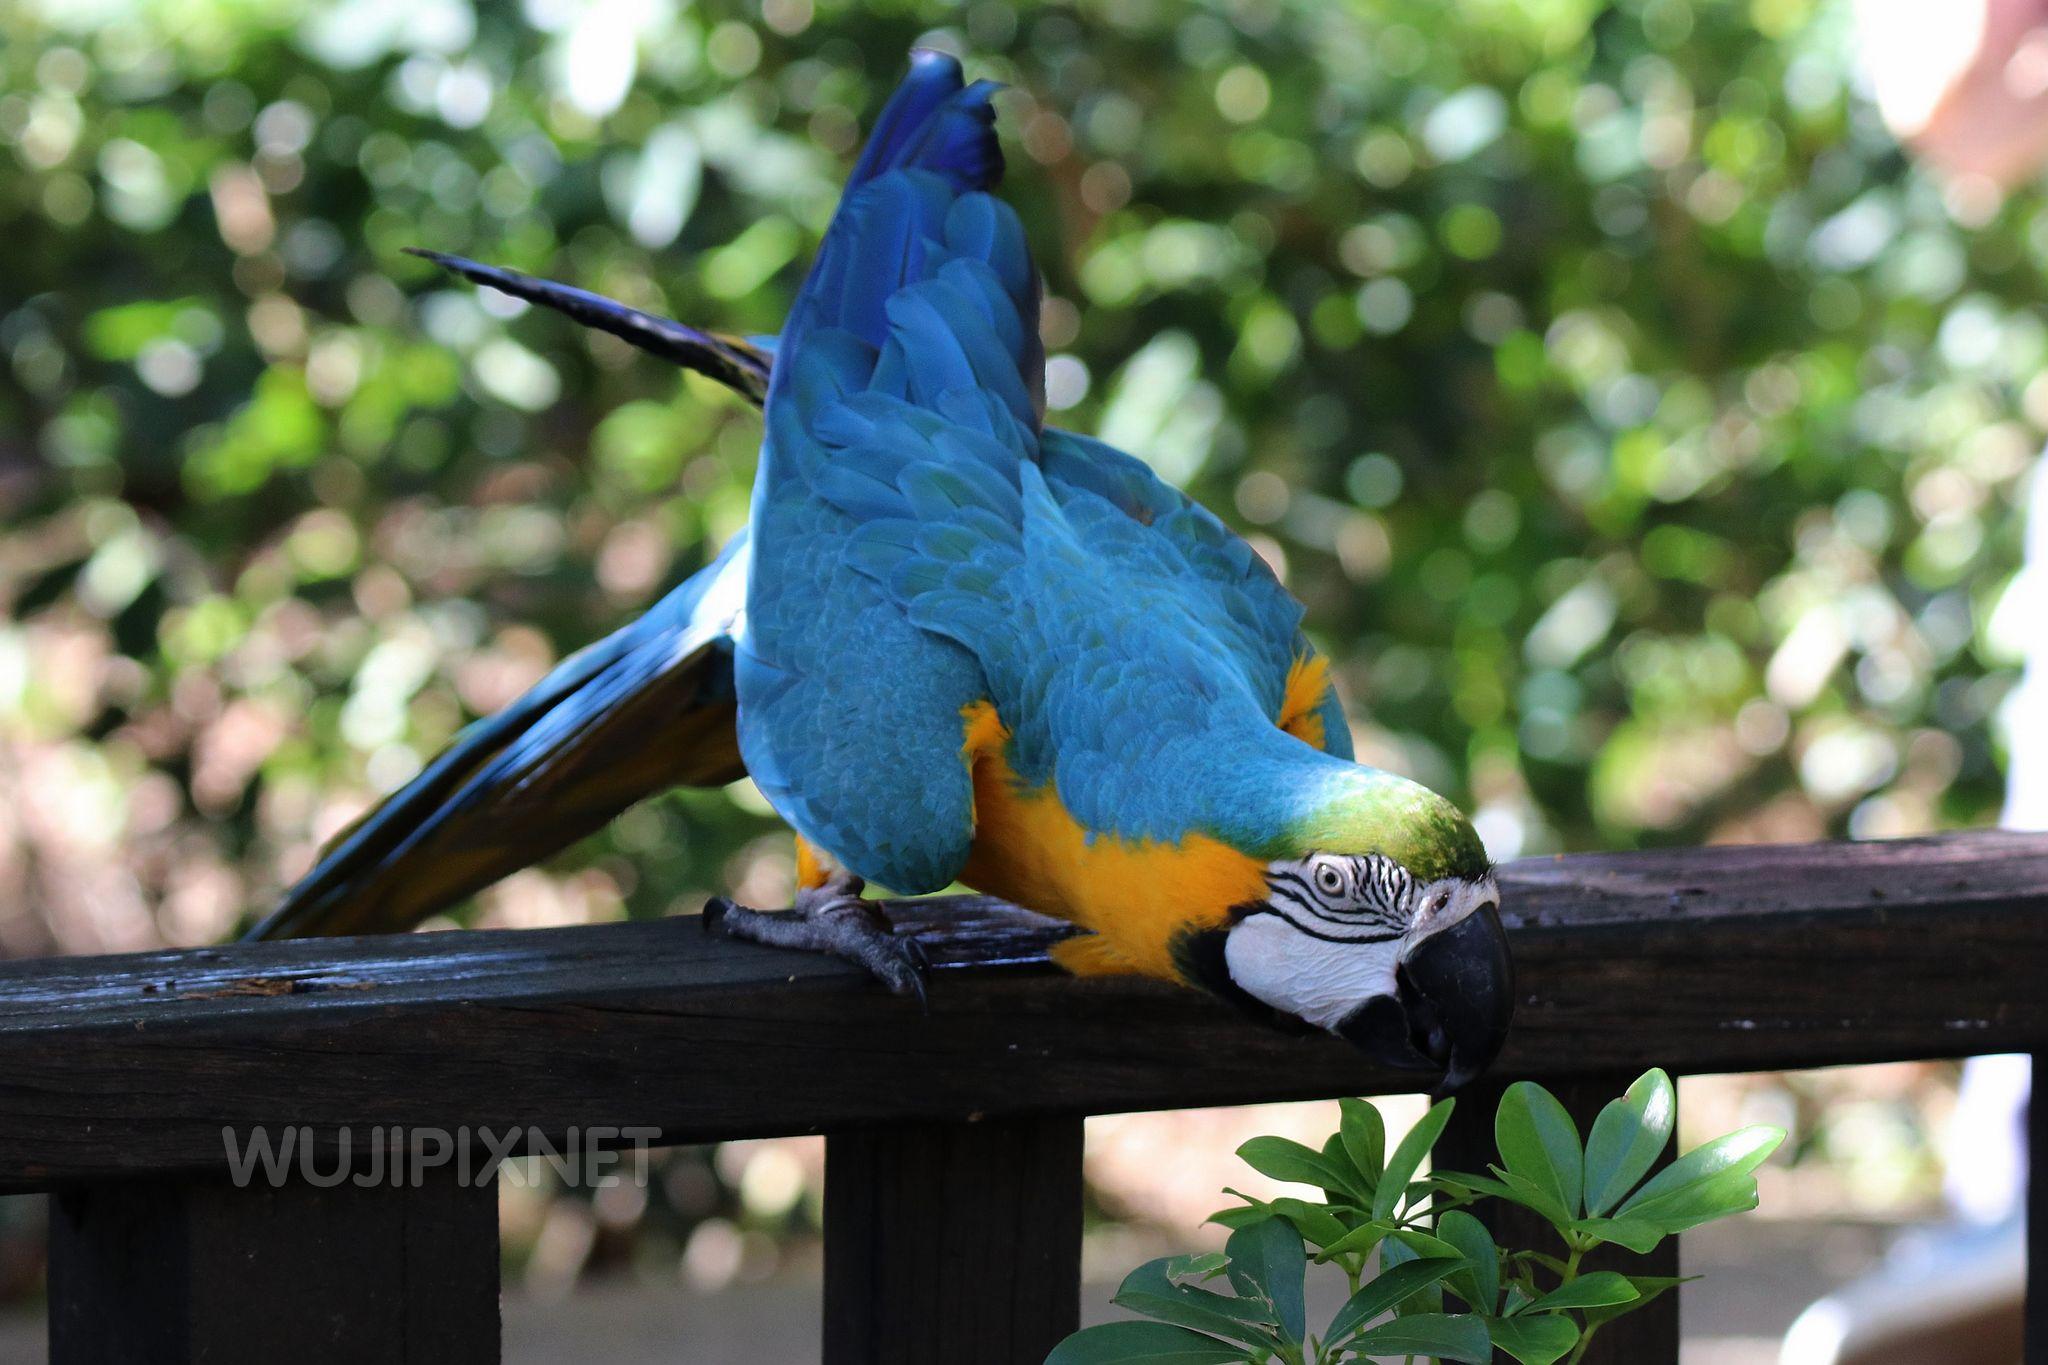 琉璃金鋼鸚鵡